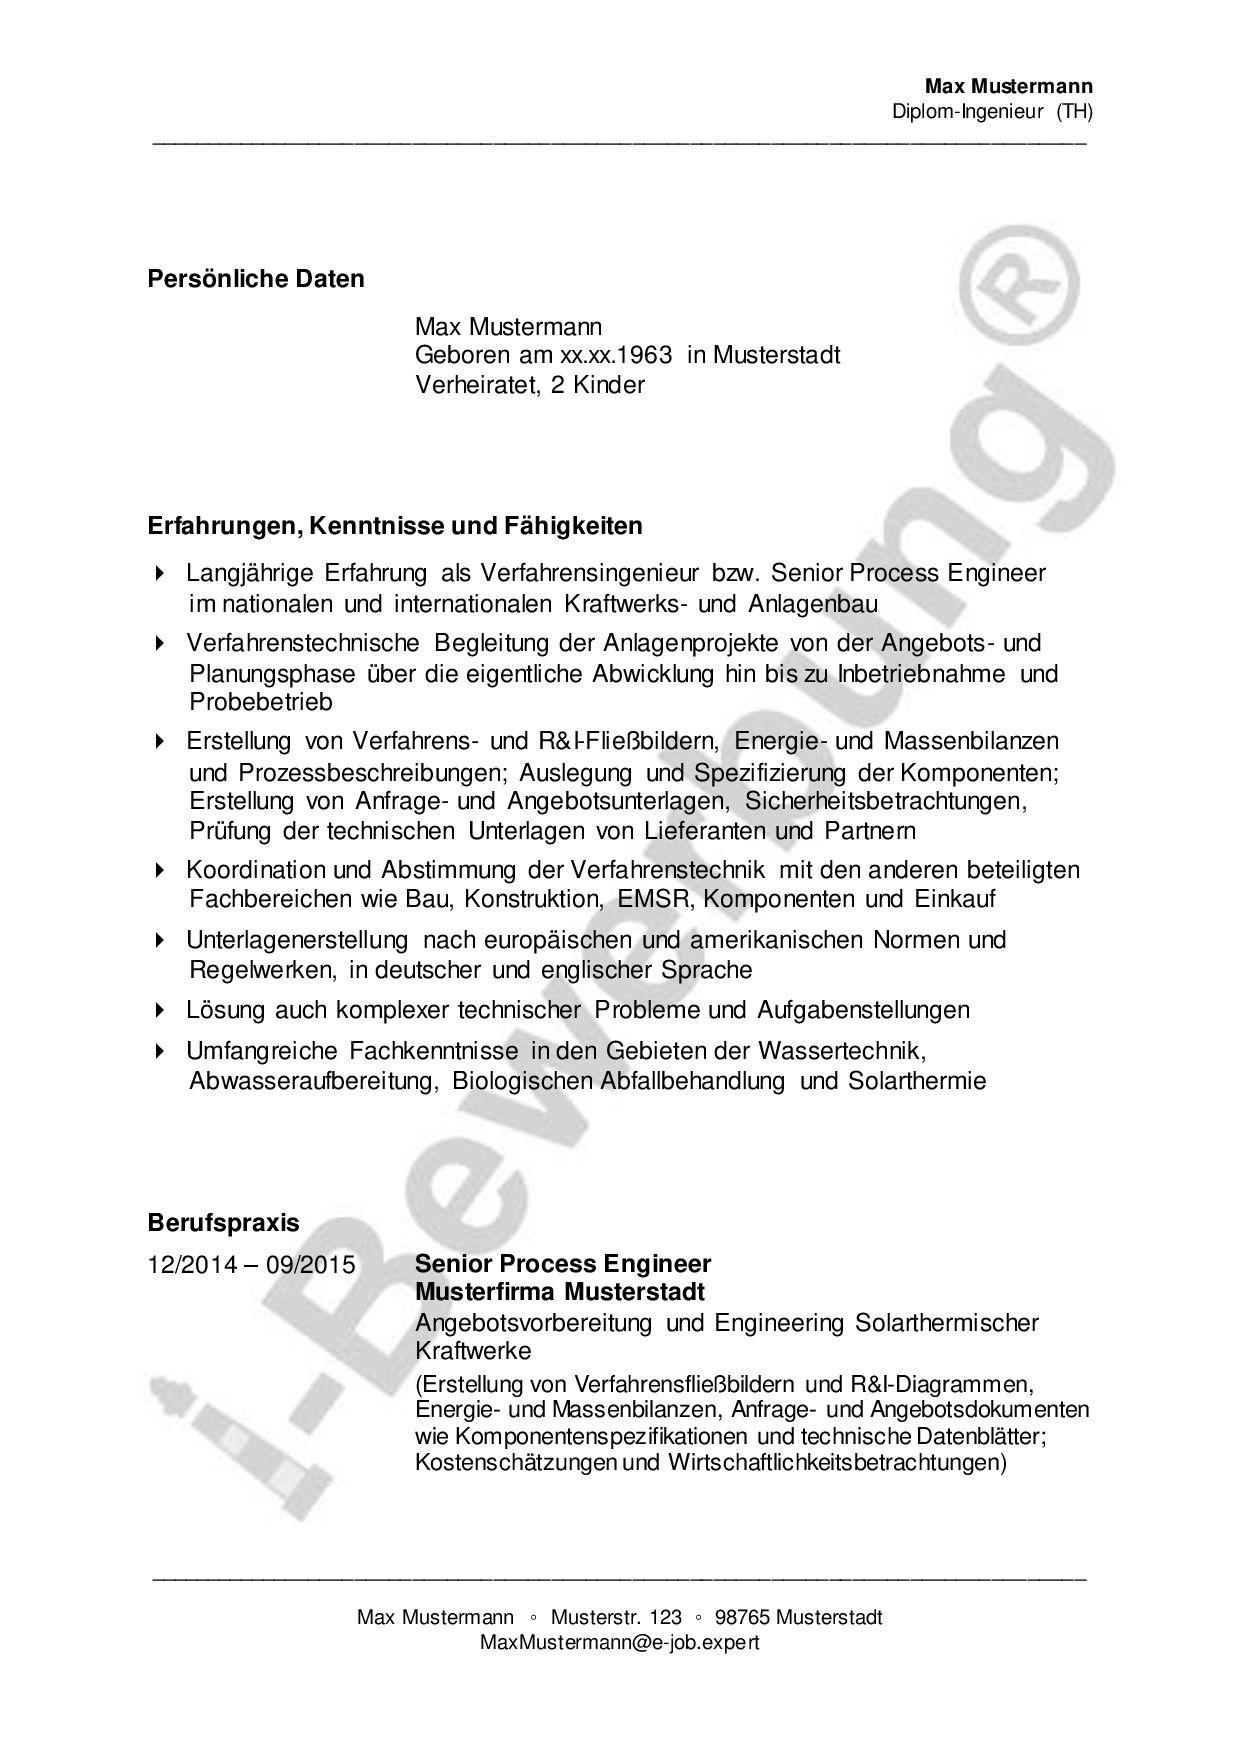 Ein Ratgeber für Ihre Karriereplanung | Diplom ingenieur, Lebenslauf ...